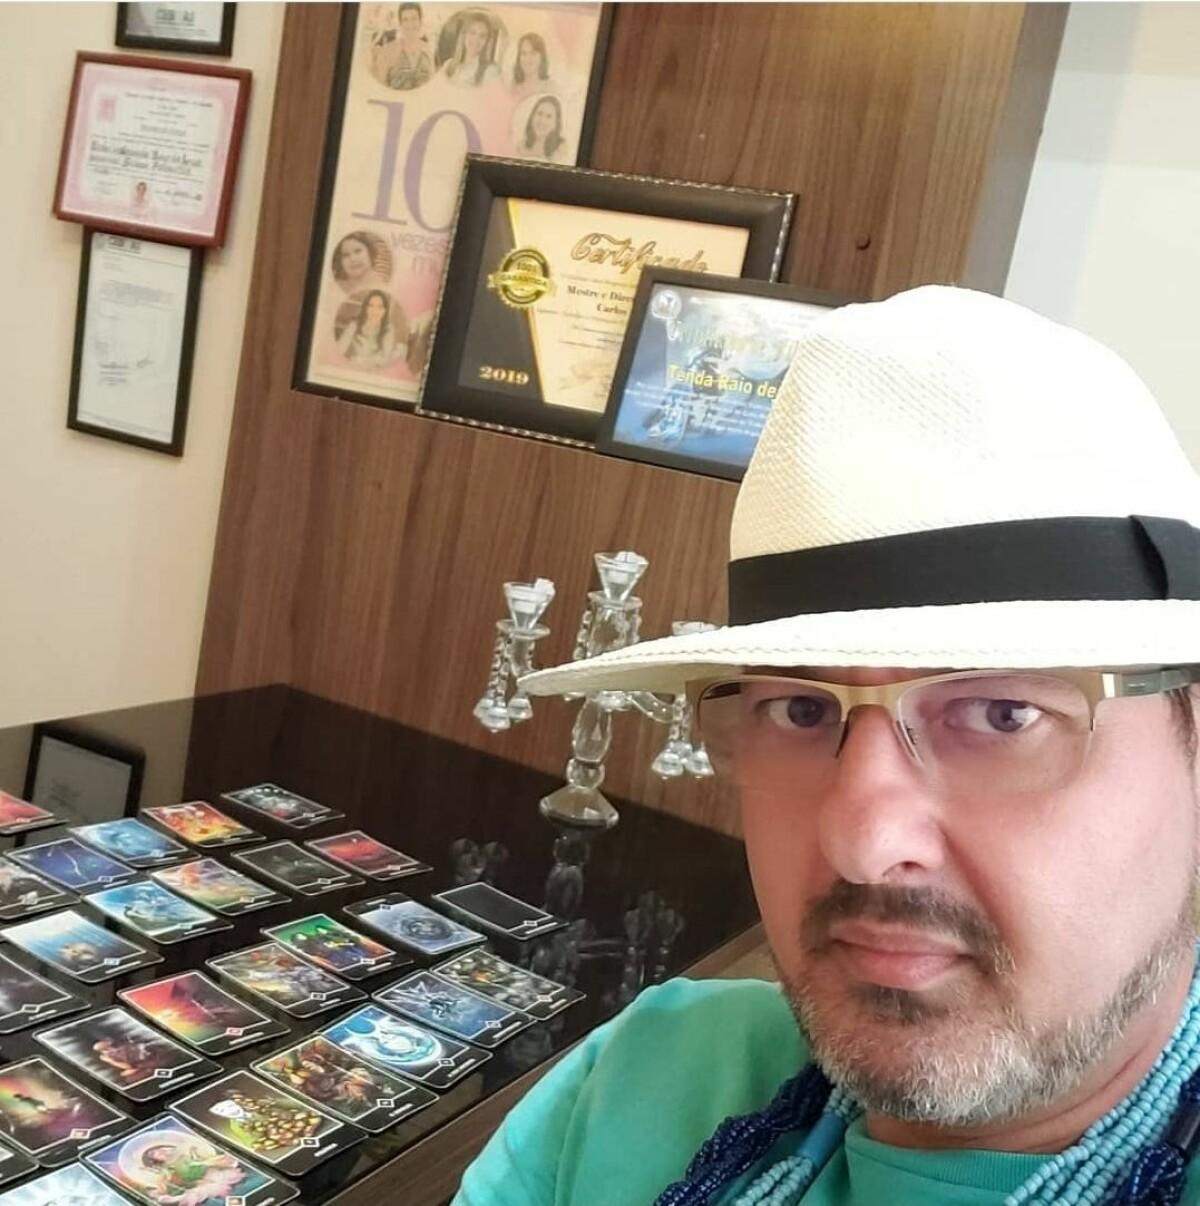 @coach.espiritual.julian